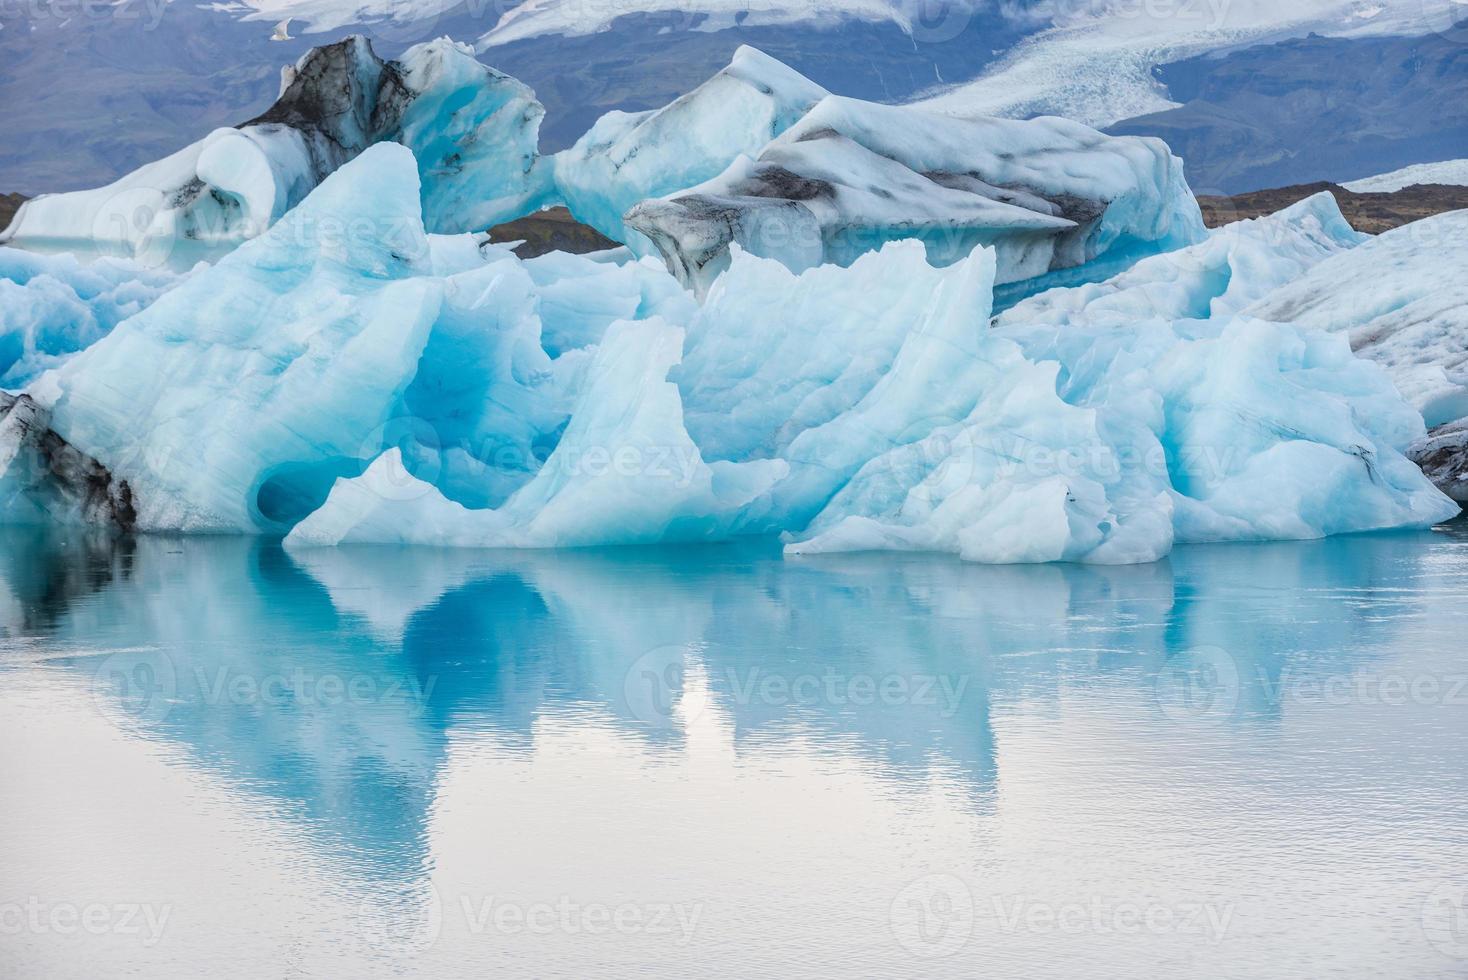 vista dettagliata di un iceberg nella laguna di ghiaccio - jokulsarlon, islanda. foto